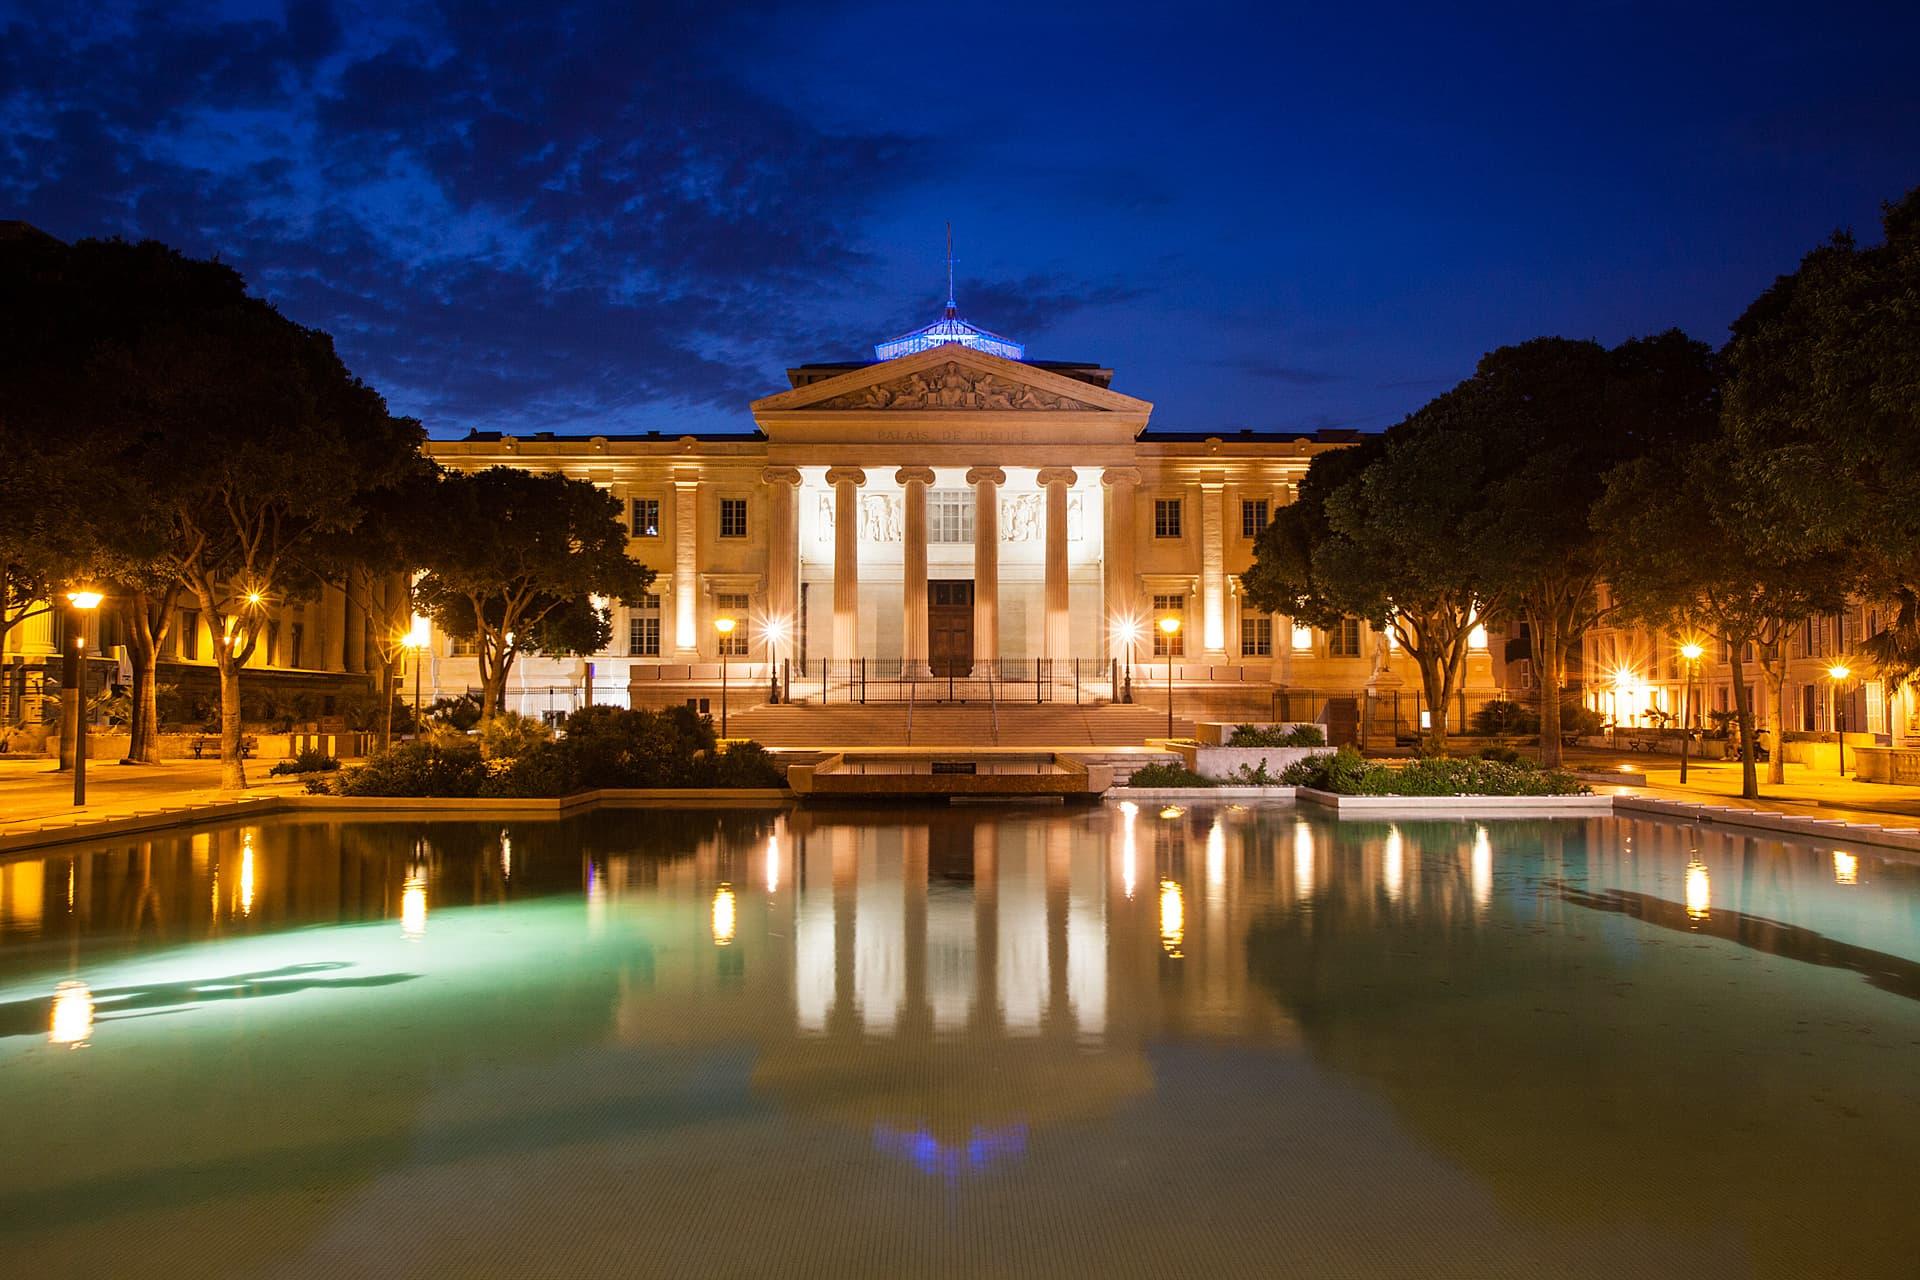 Eclairage extérieur de nuit du Palais de Justice Monthyon Marseille